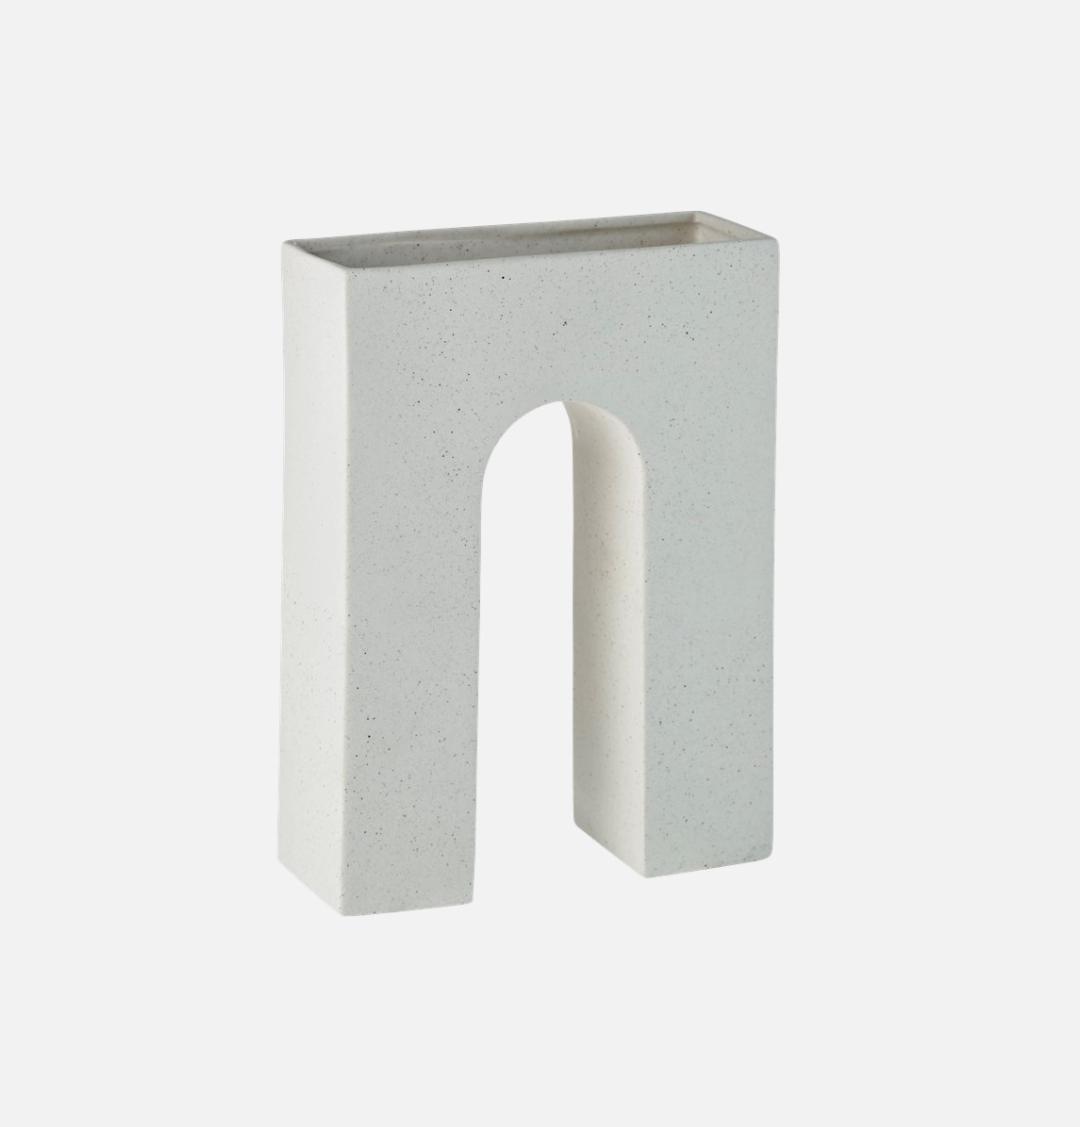 201DesignStudio - Aqueduct